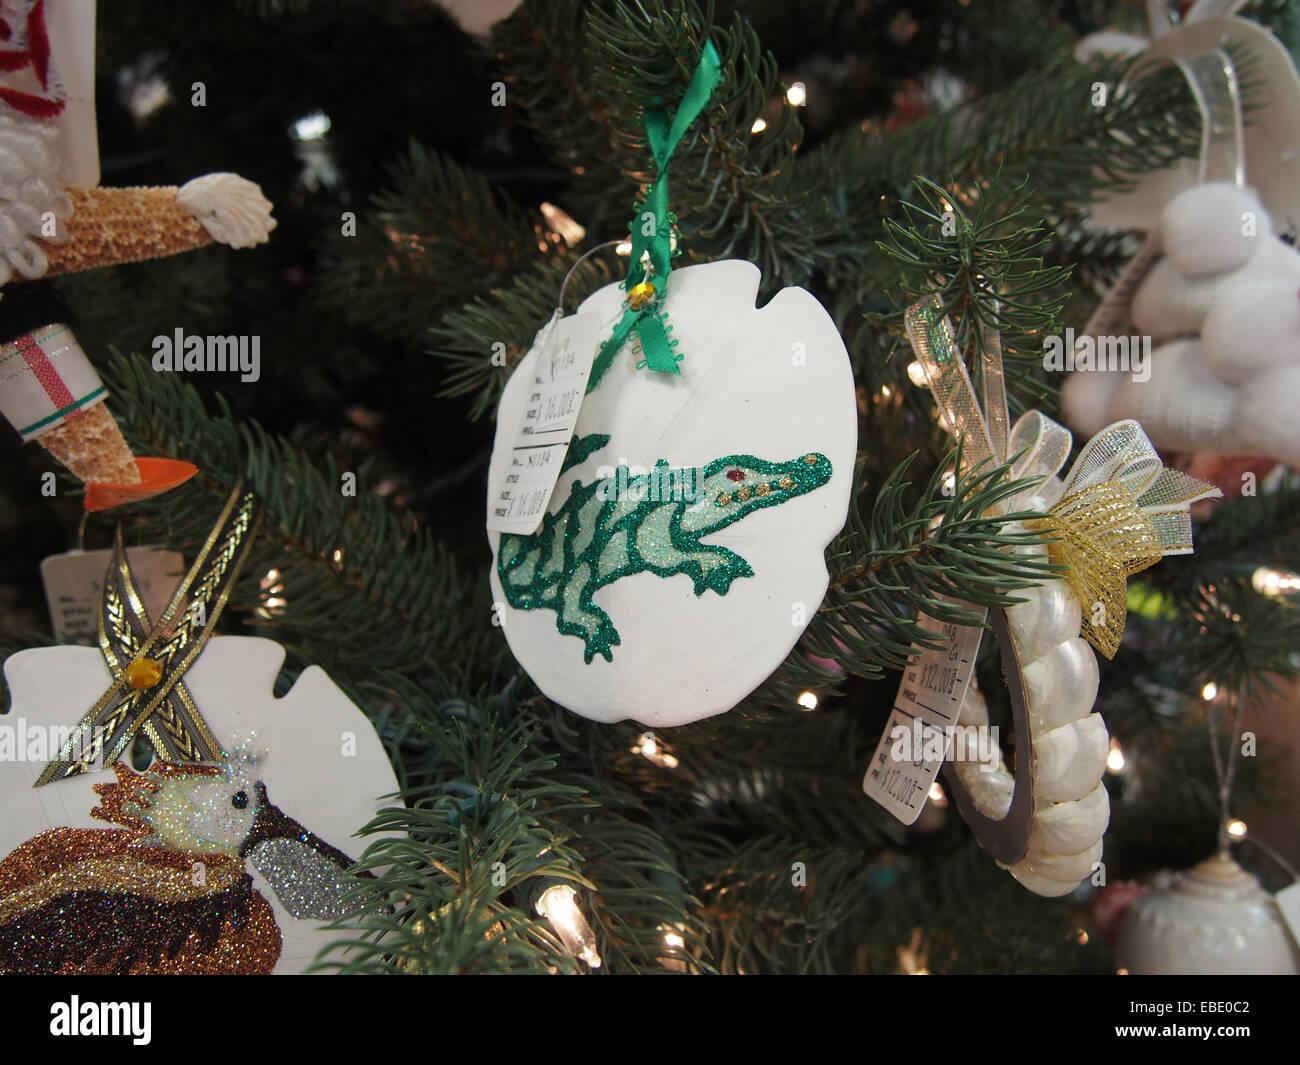 Seainspired Christmas Ornaments At A Shop On Sanibel Island, Florida, Usa,  October 5, 2014, © Katharine Andriotis